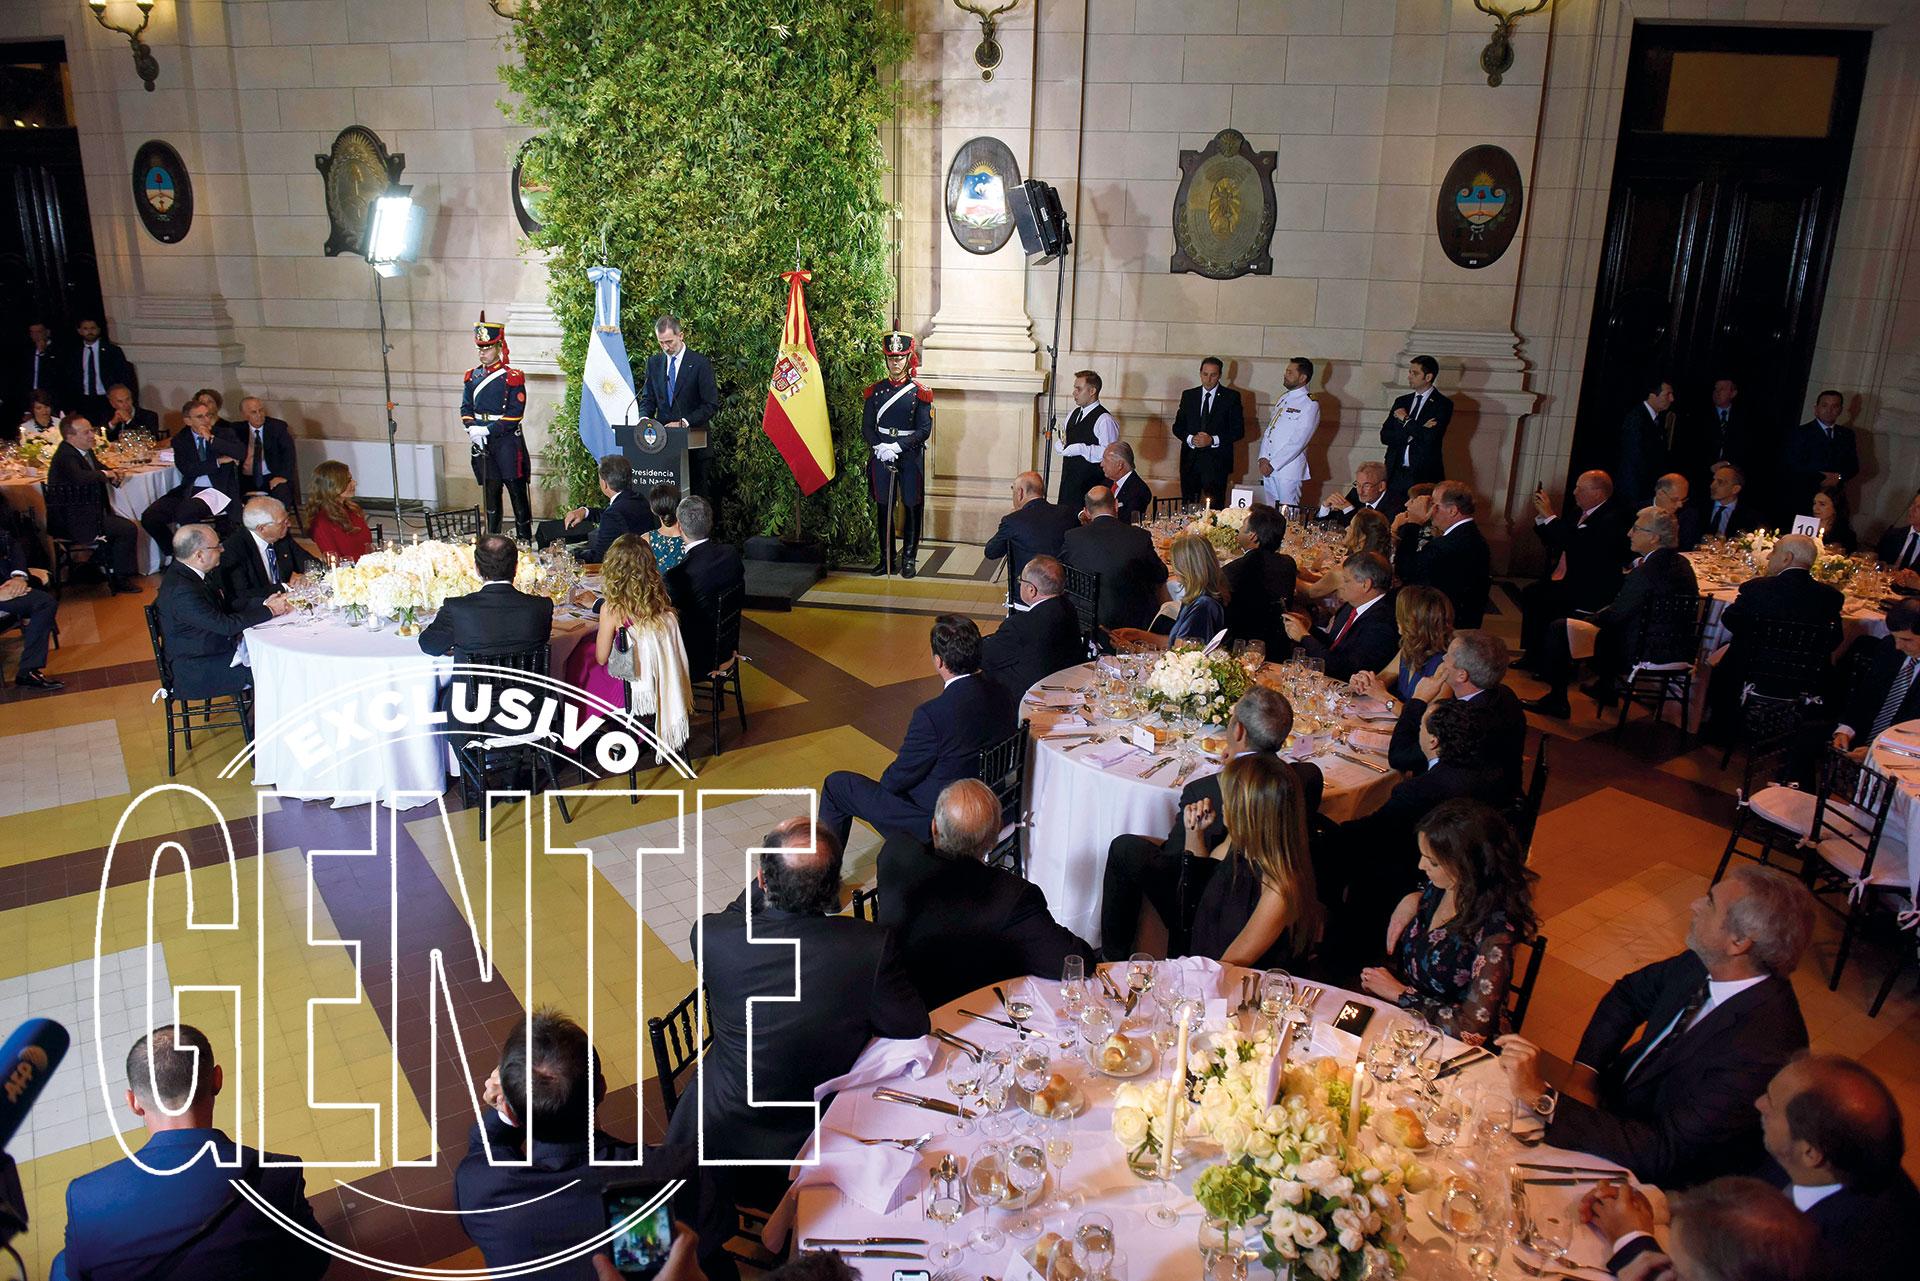 Una vista del salón del CCK donde tuvo lugar la cena de honor a los reyes de España. Foto: Matías Campaya/GENTE